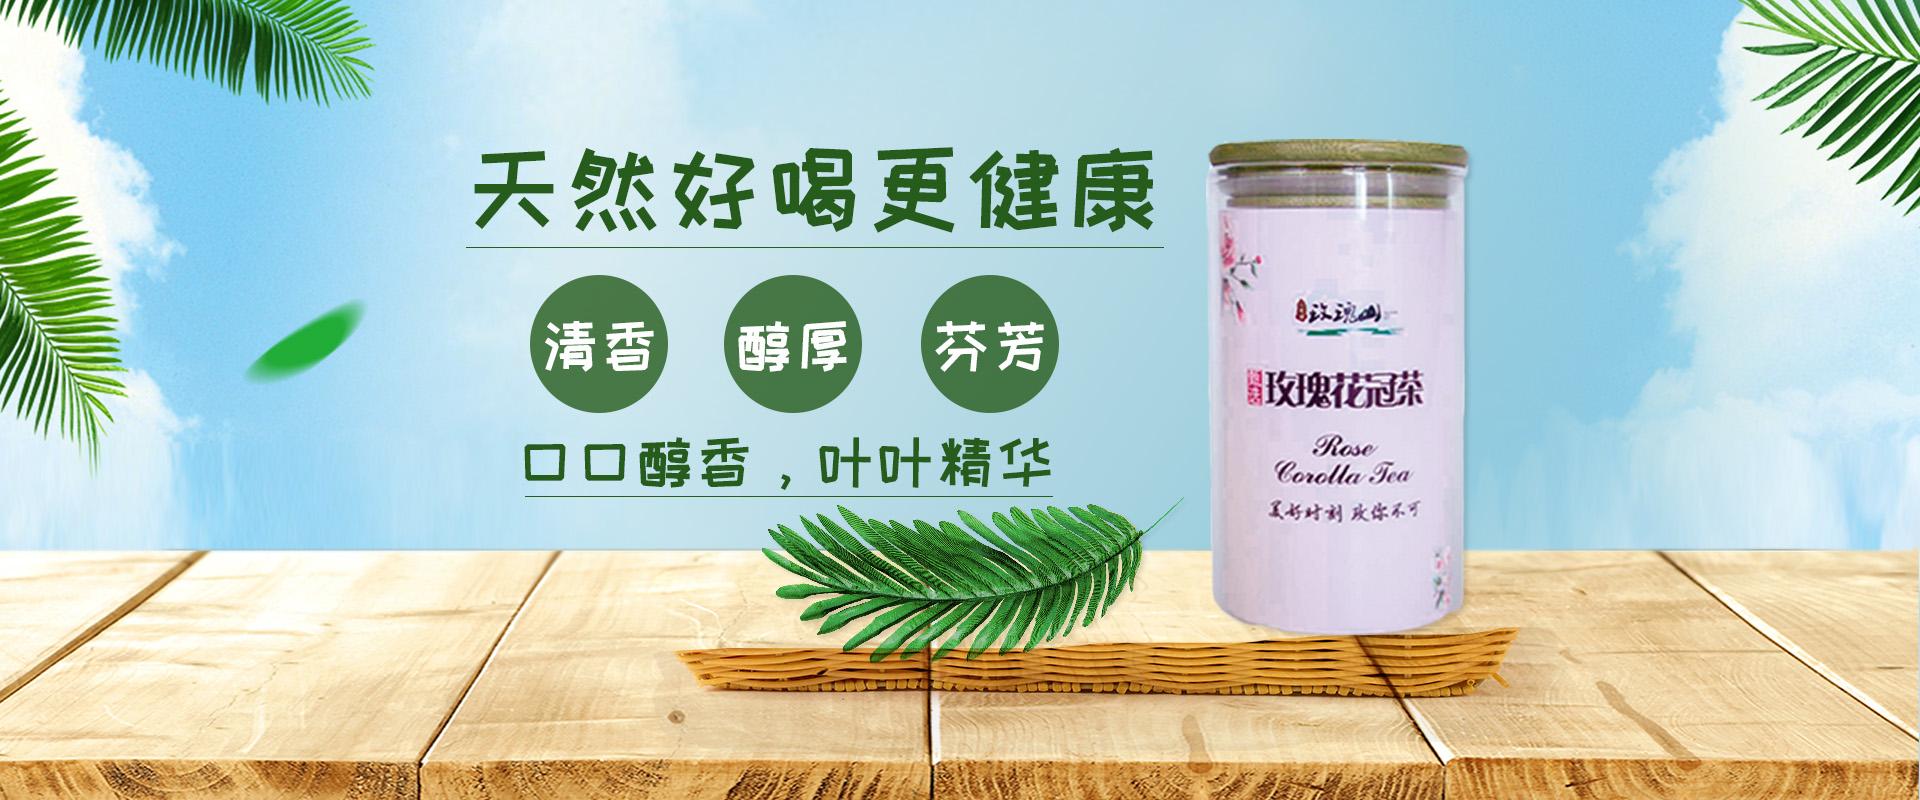 河北2019年玫瑰山出售-源卉發玫瑰科技